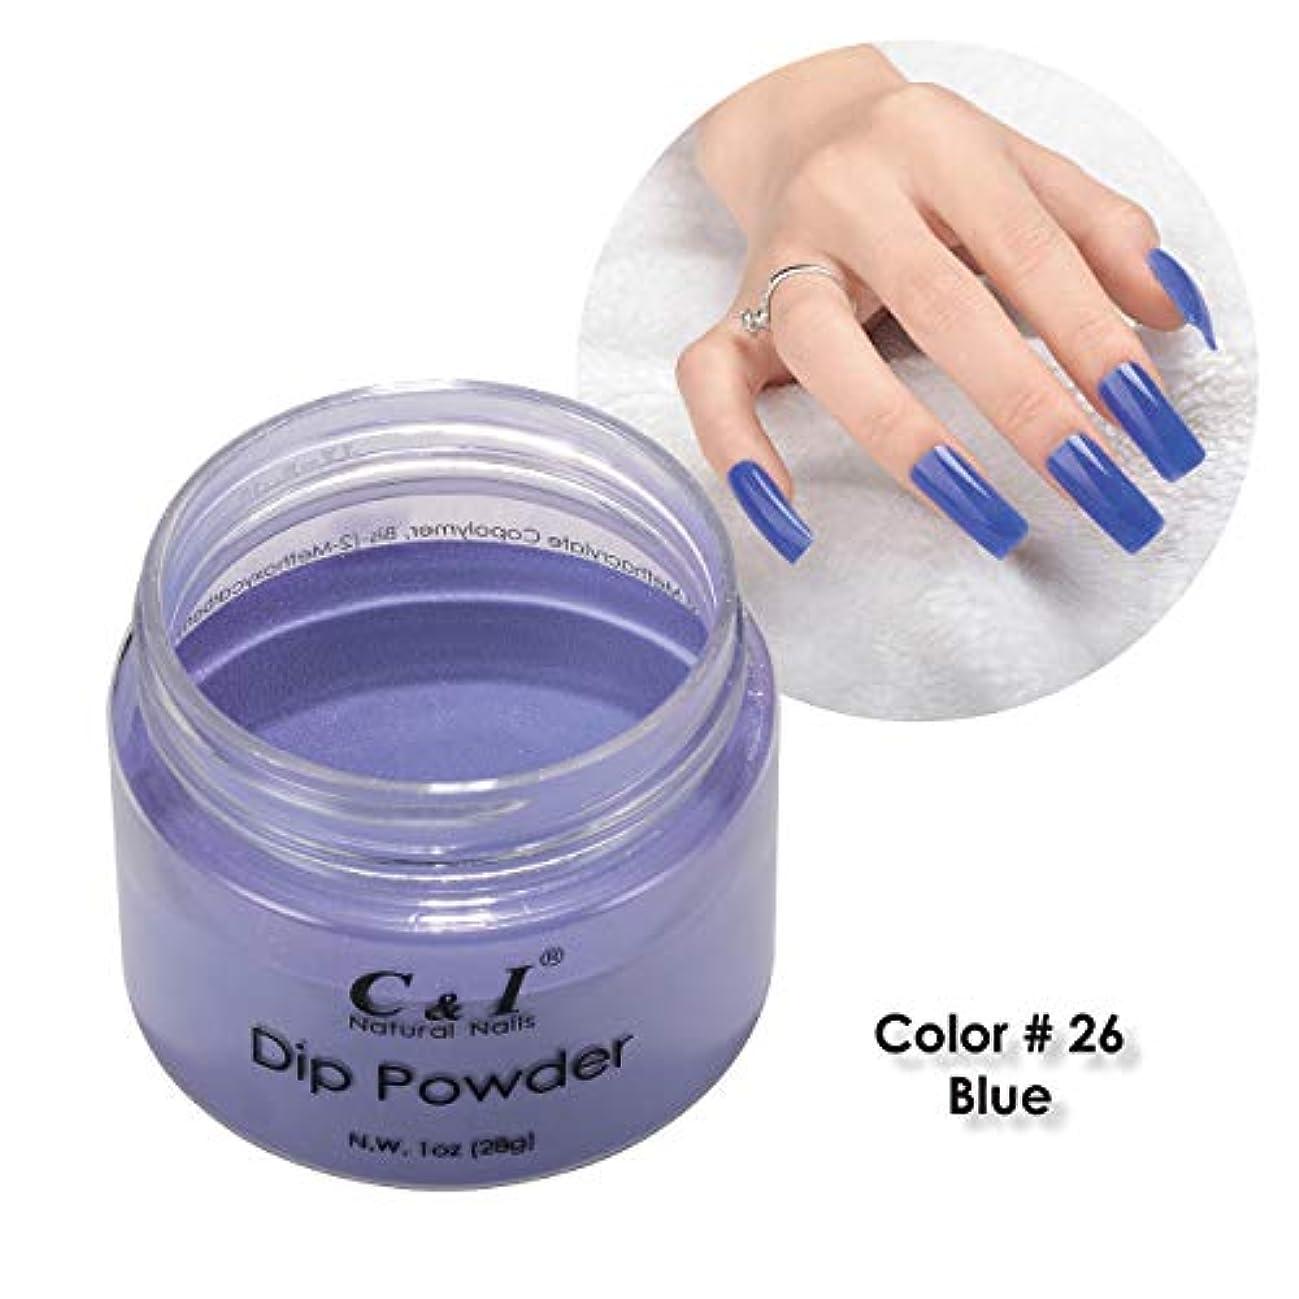 協力的ダイヤルコーラスC&I Dip Powder ネイルディップパウダー、ネイルカラーパウダー、カラーNo.26